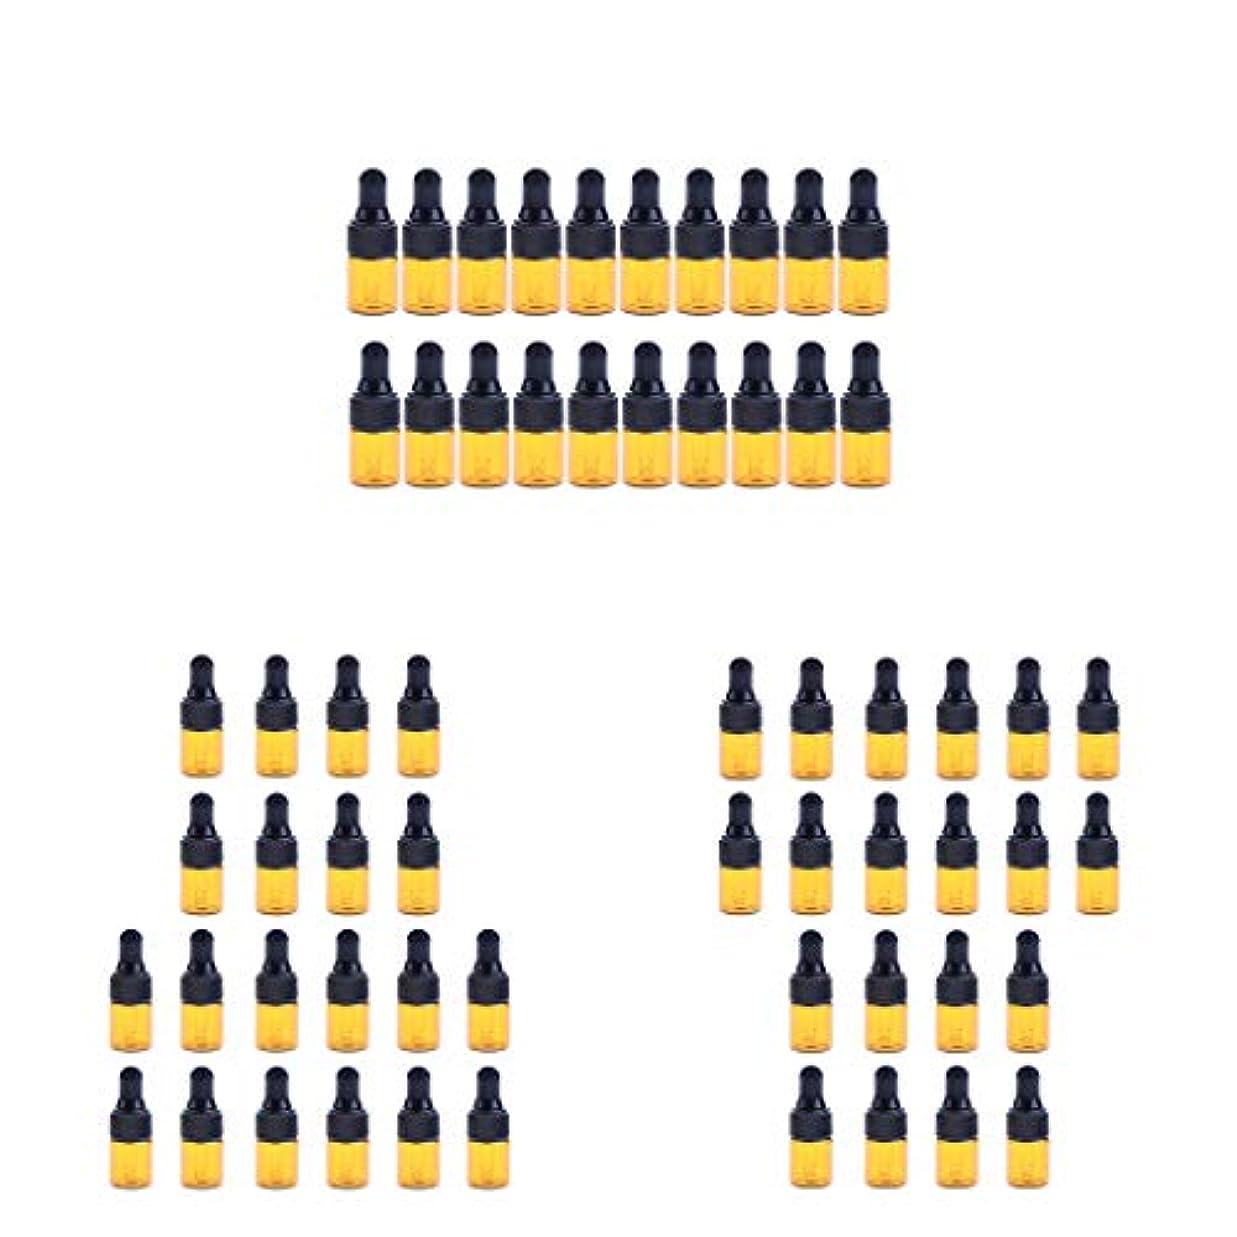 コーンバルブ破壊するドロッパーボトル エッセンシャルオイル ボトル 3 Ml アロマ 詰め替え容器